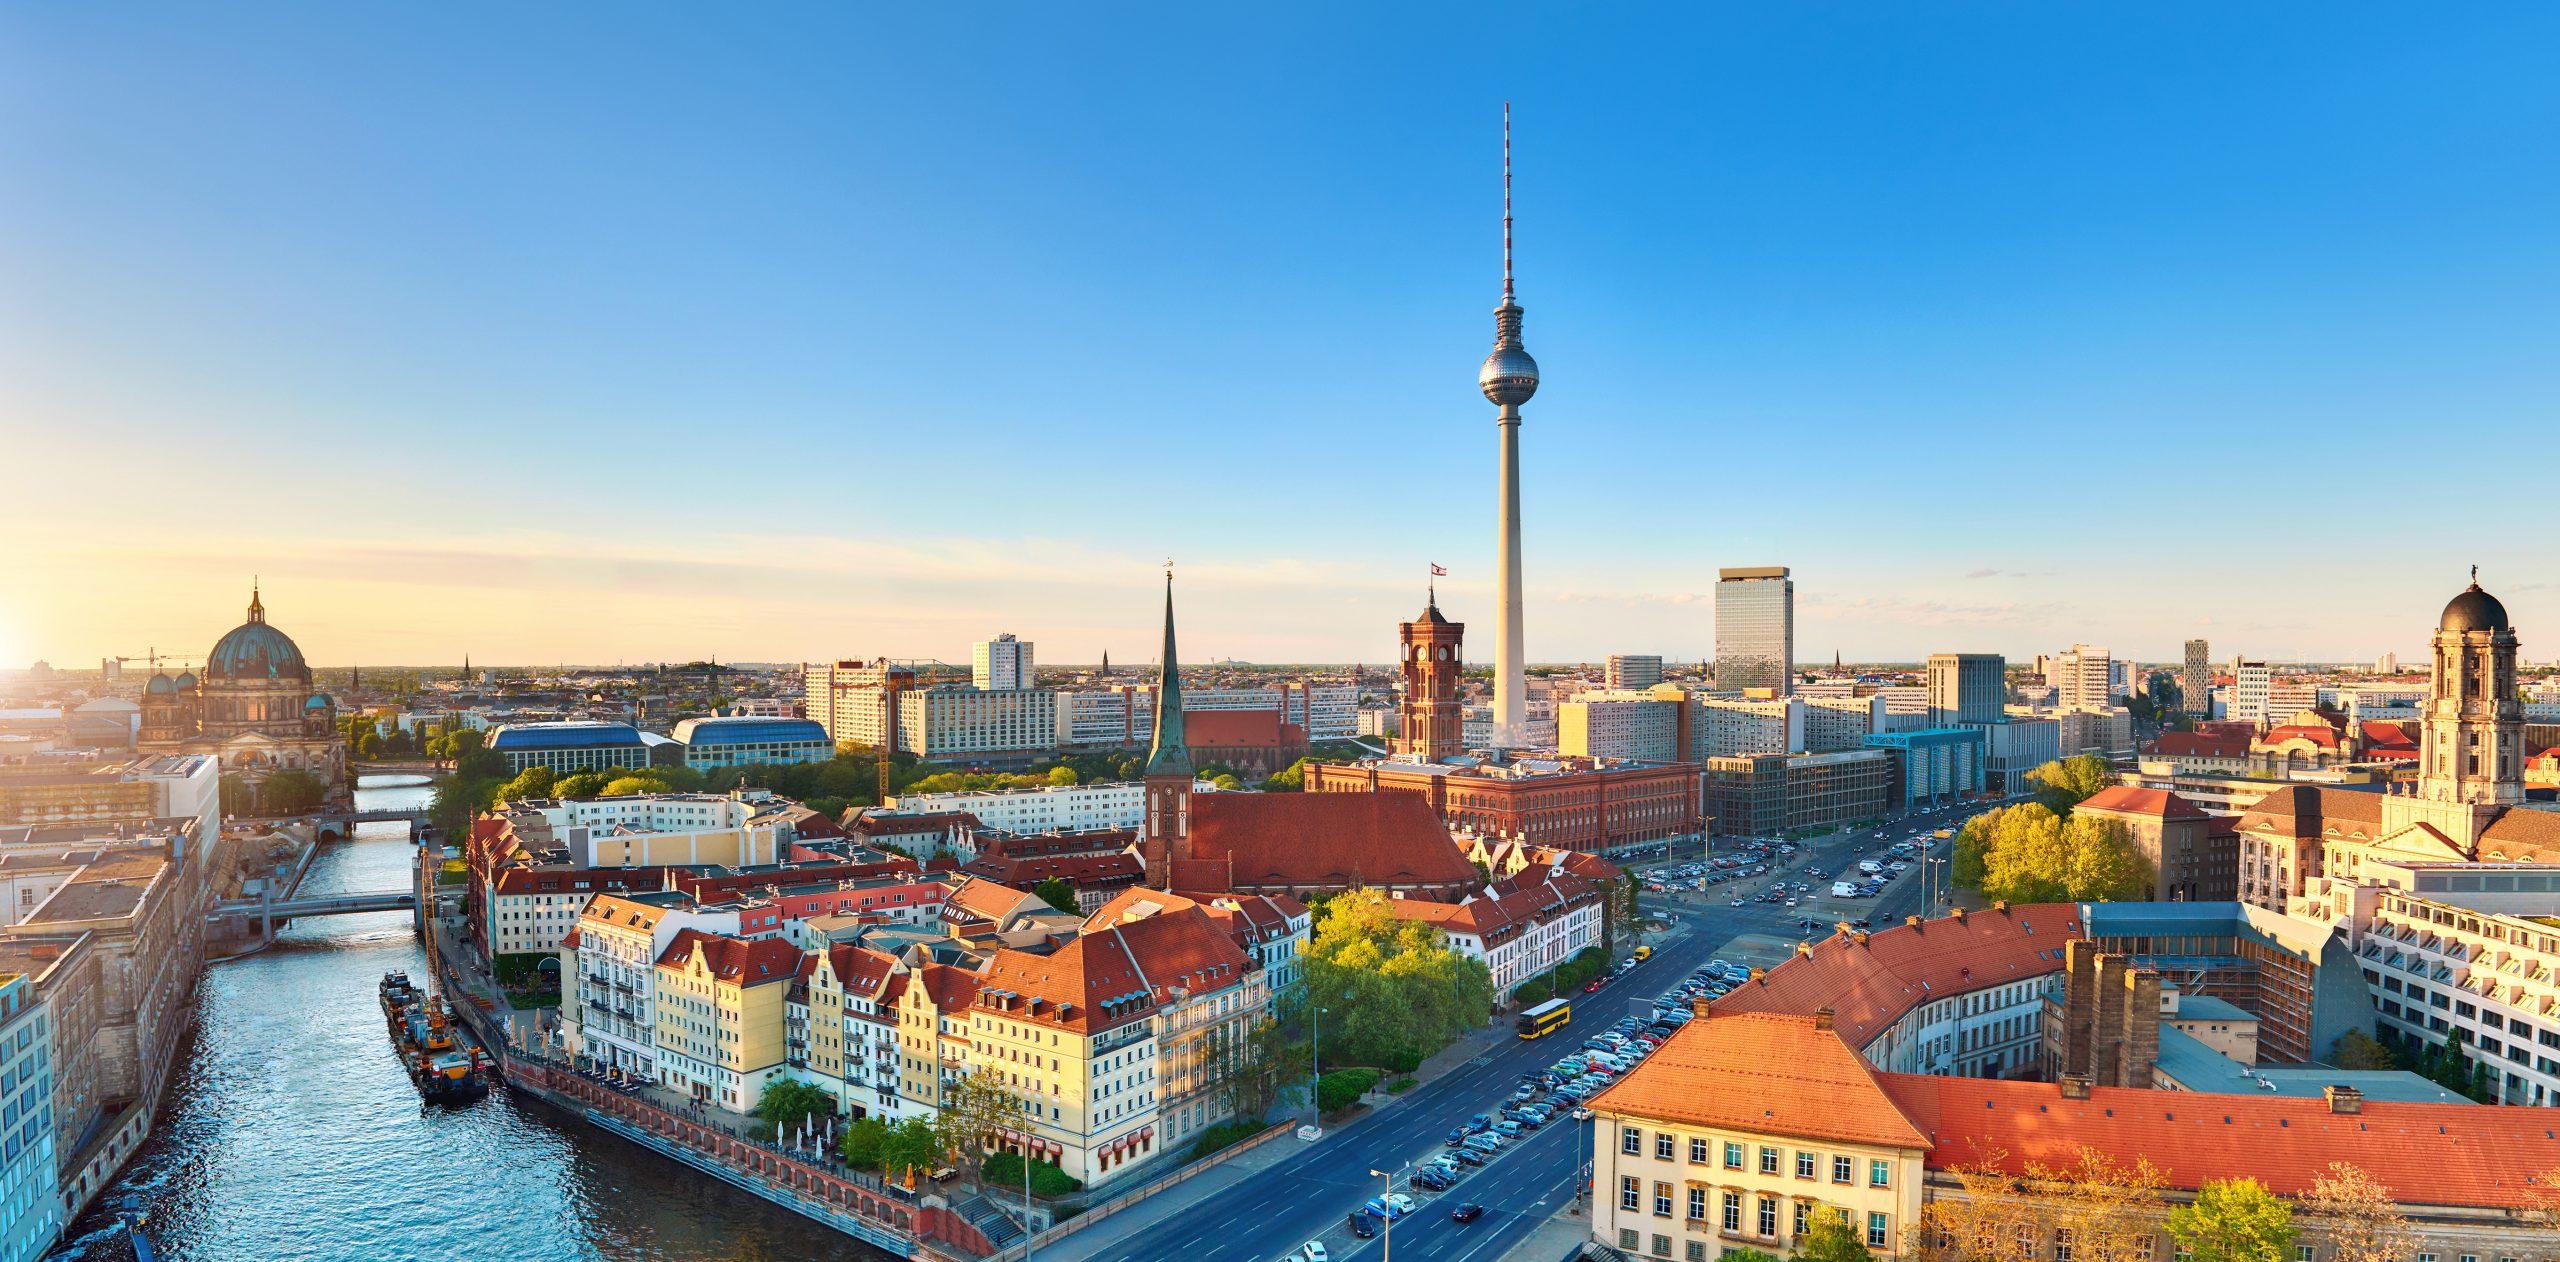 Berliner Mietendeckel tritt in Kraft – bei Verstößen drohen Vermietern bis zu 500.000 Euro Bußgeld